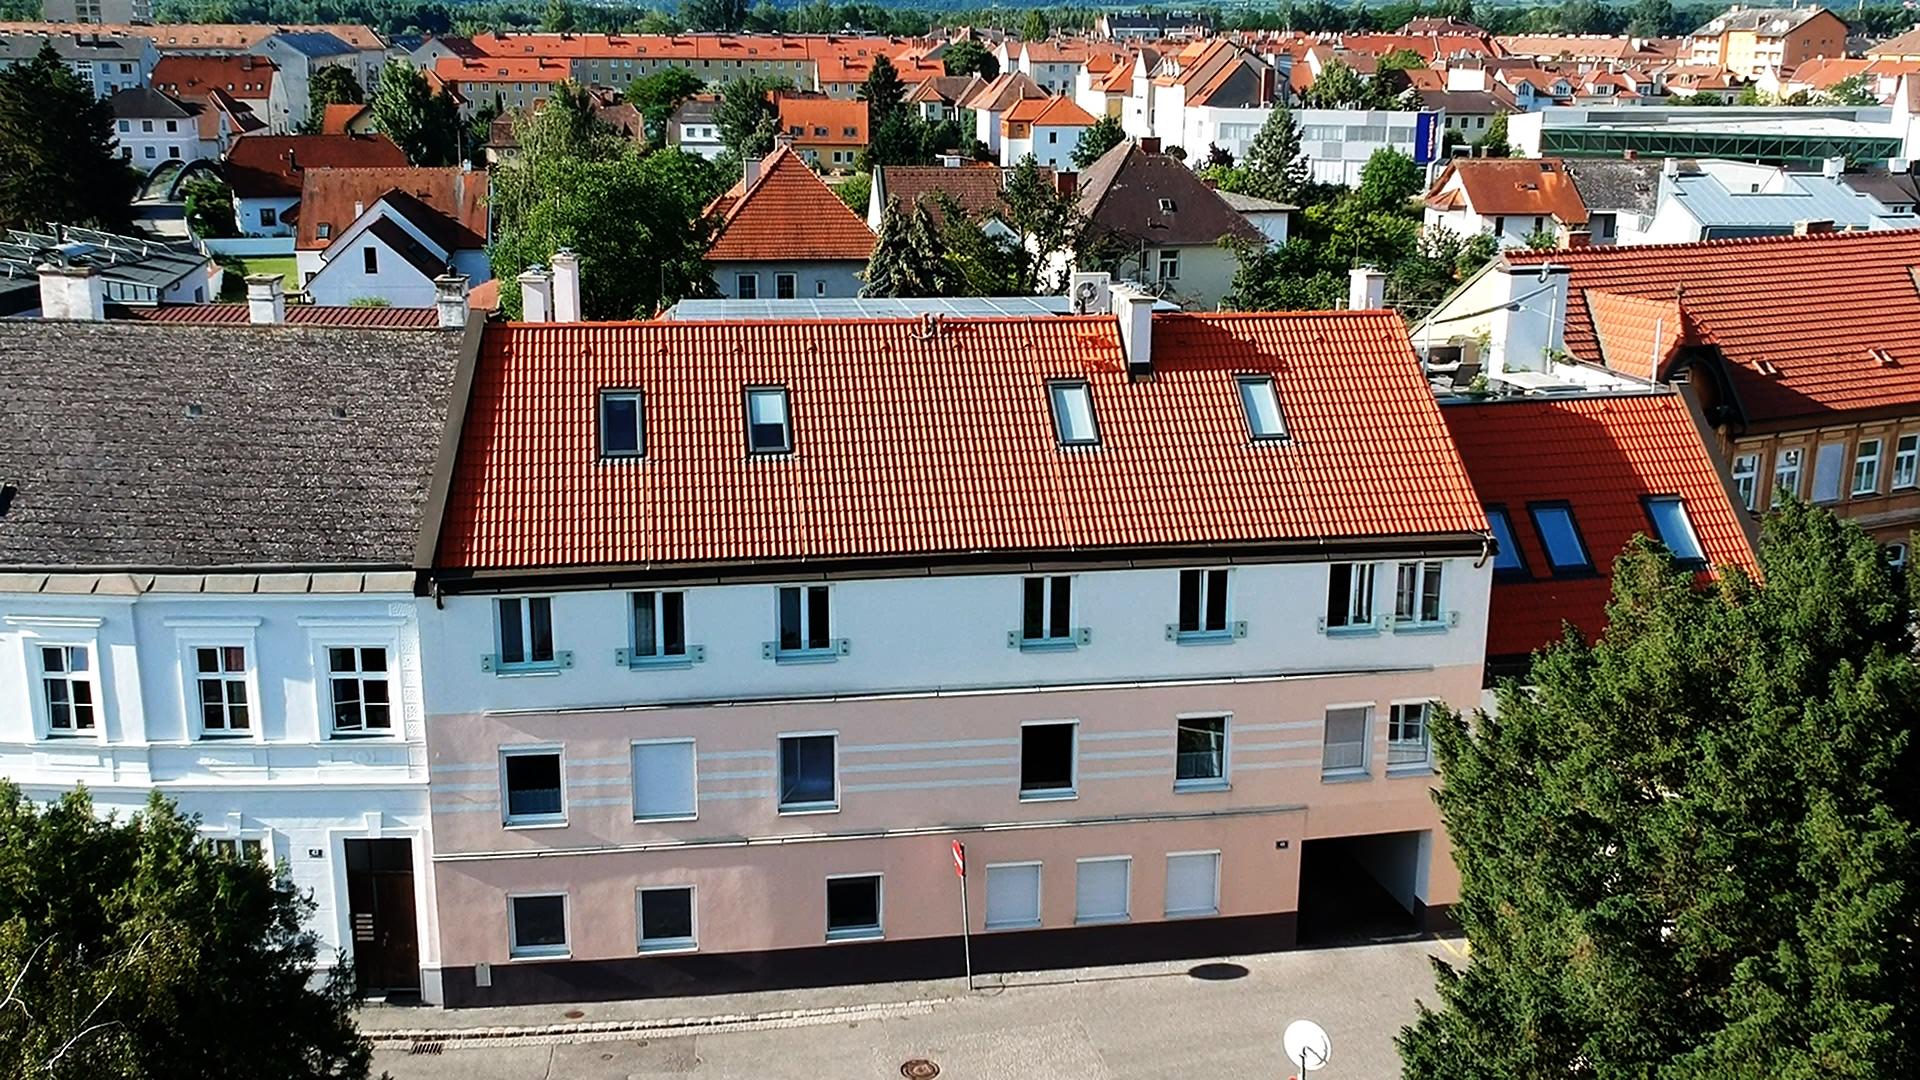 Hohensteinstrasse 40 – Krems